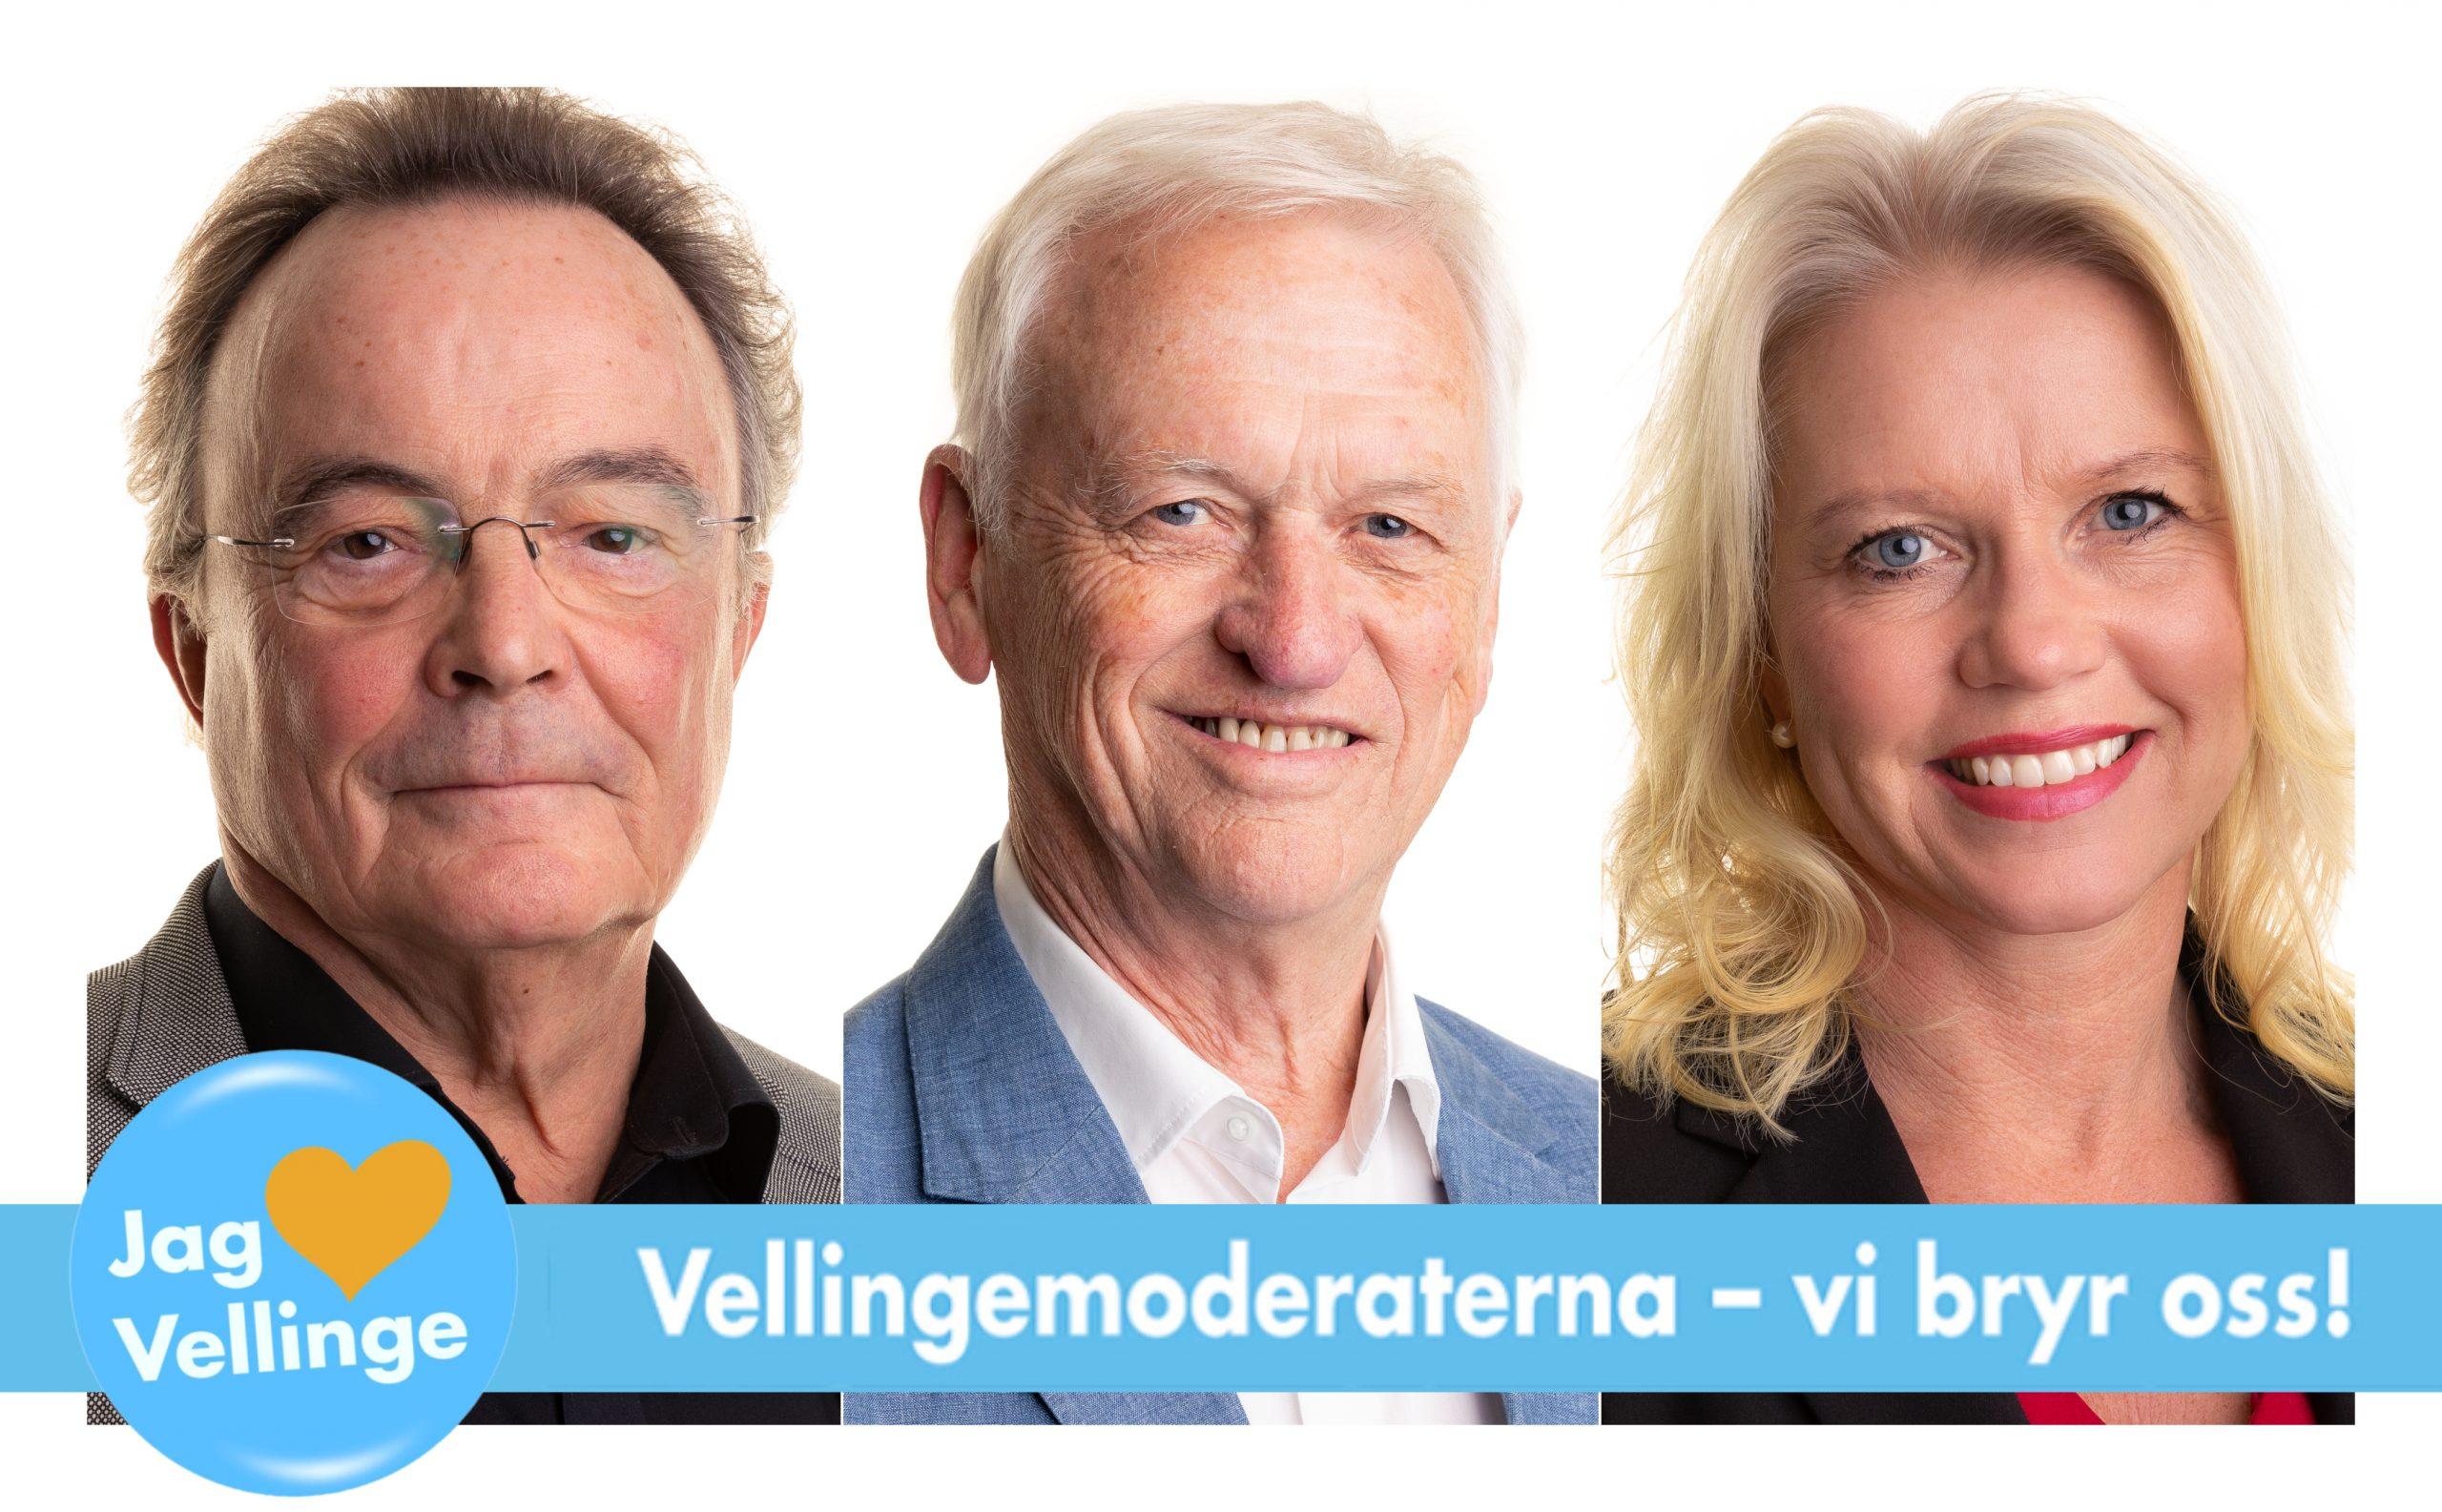 Kvinnor Sker Mn Skanr Med Falsterbo, Som Jnkping